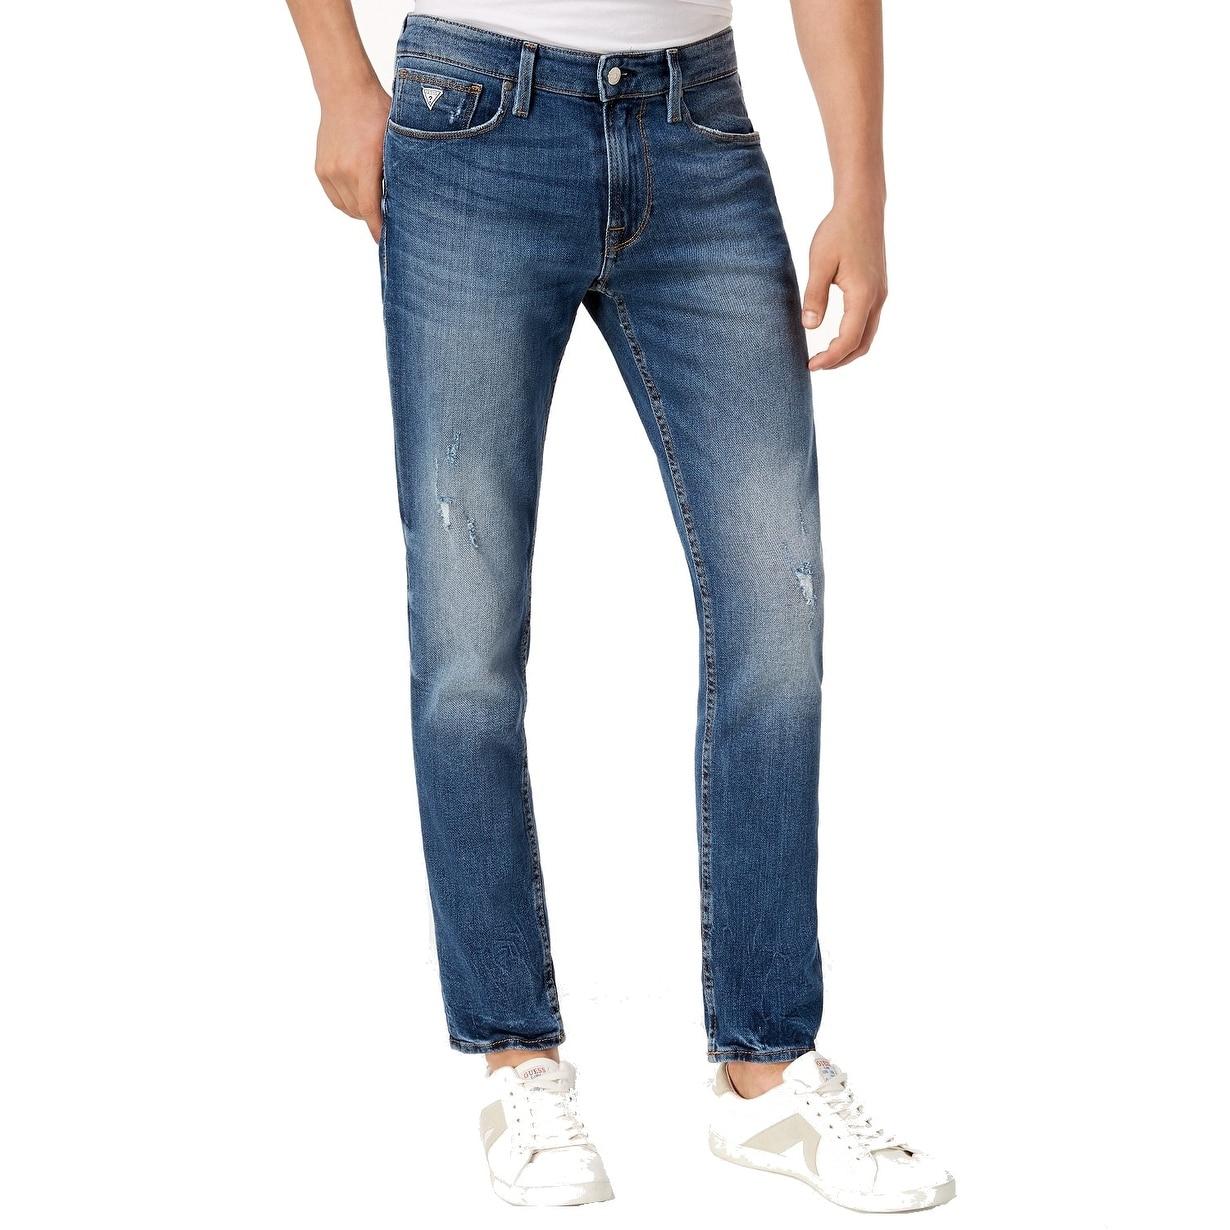 Men's Guess Jeans 36 x 32